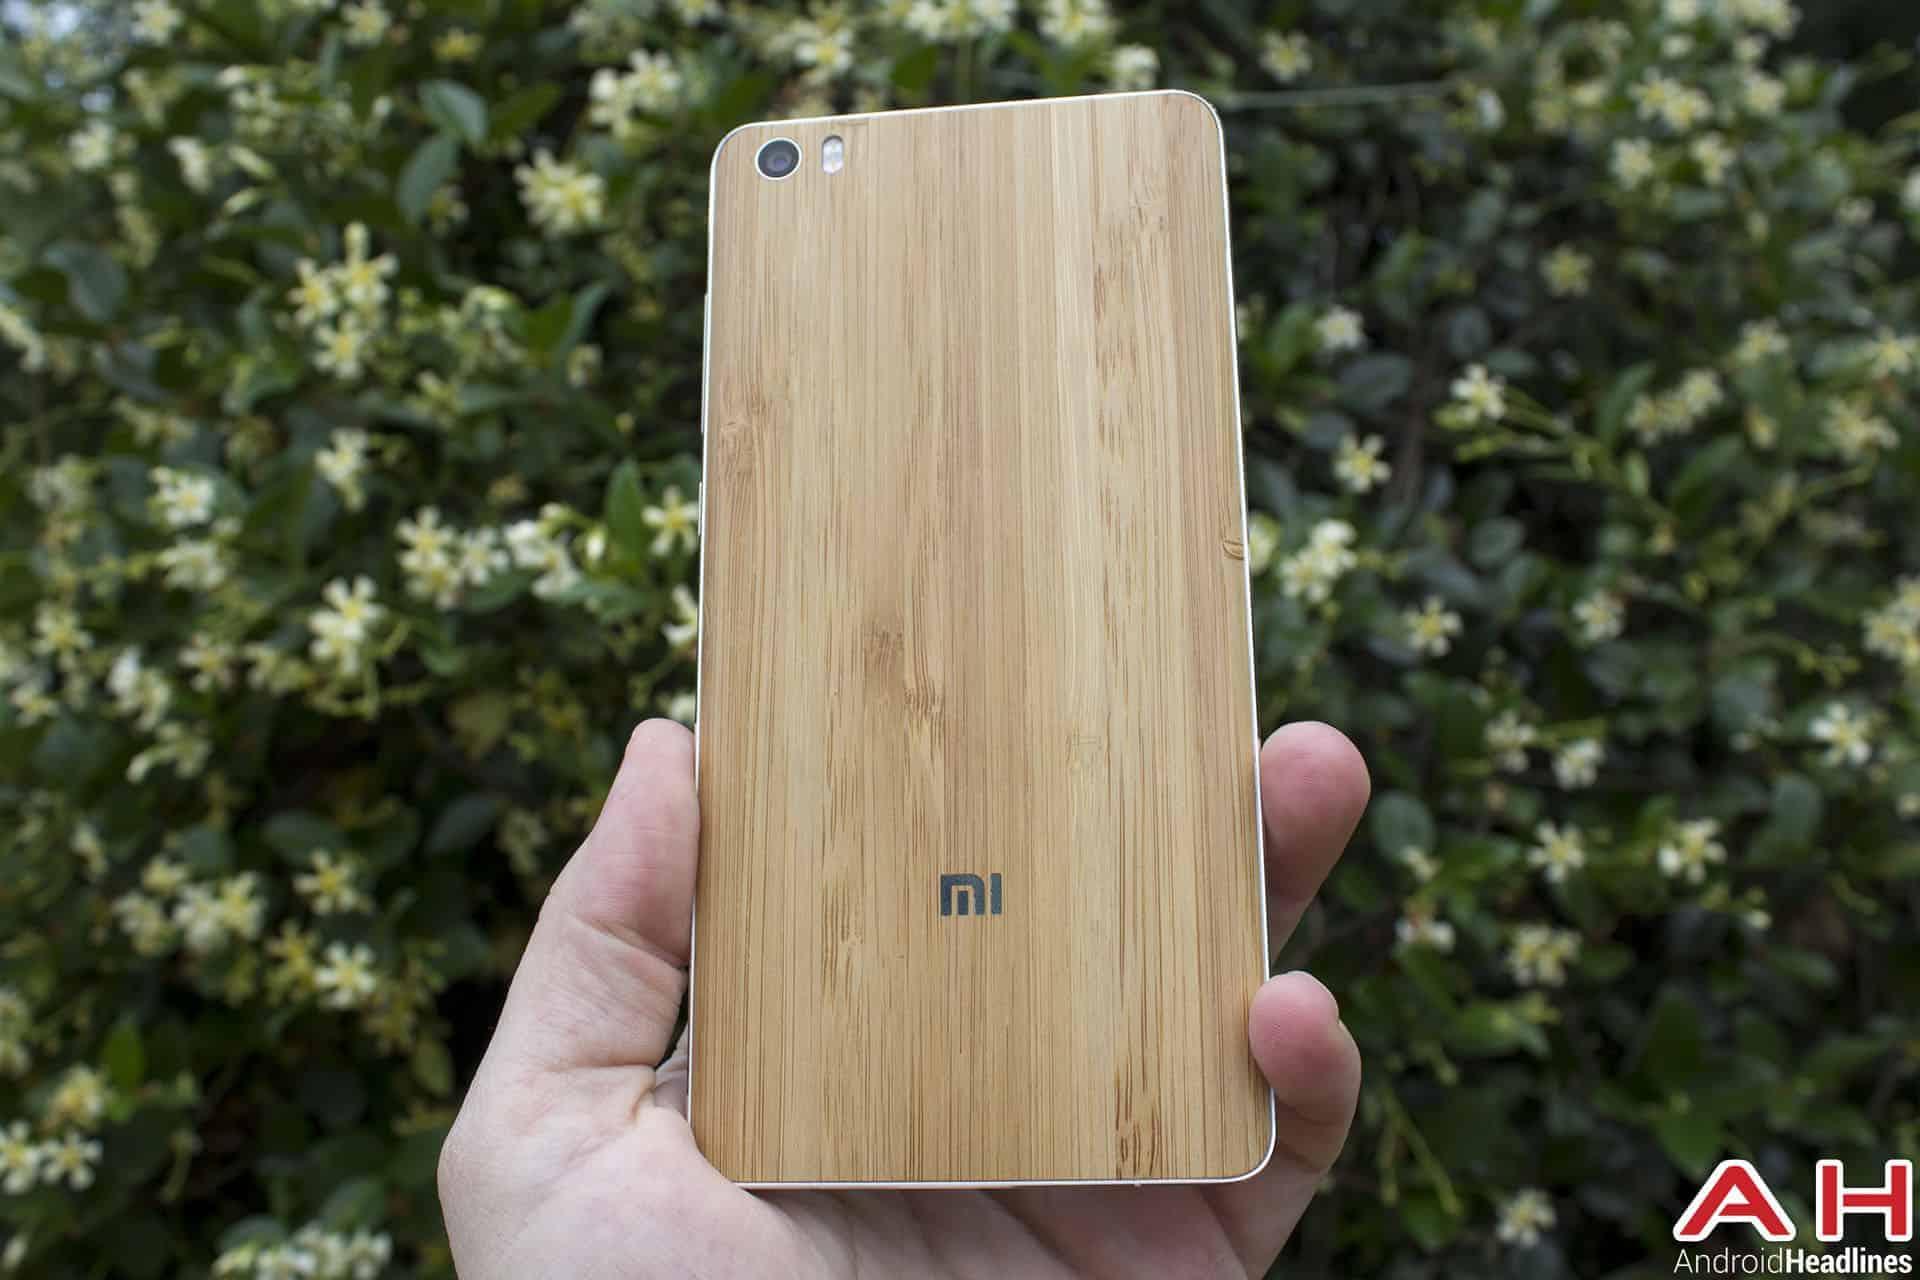 Xiaomi-Mi-Note-Bamboo-03